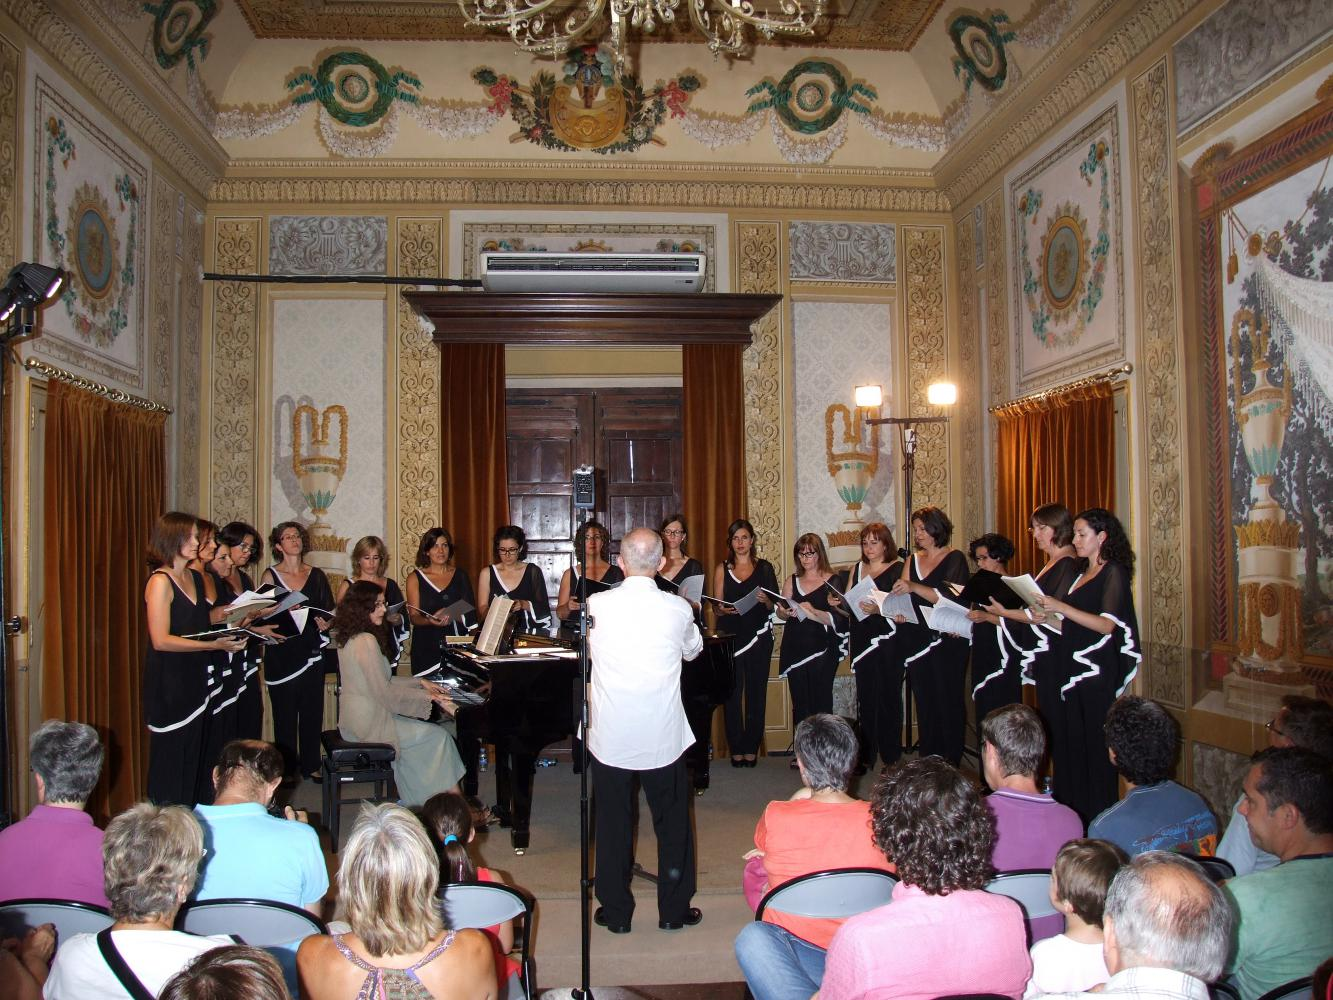 Cor Scherzo · Diana Baker, piano · Jordi Casas, director · Setmana Cantant de Tarragona 2014 · Sala Noble del Conservatori de Música de la Diputació de Tarragona